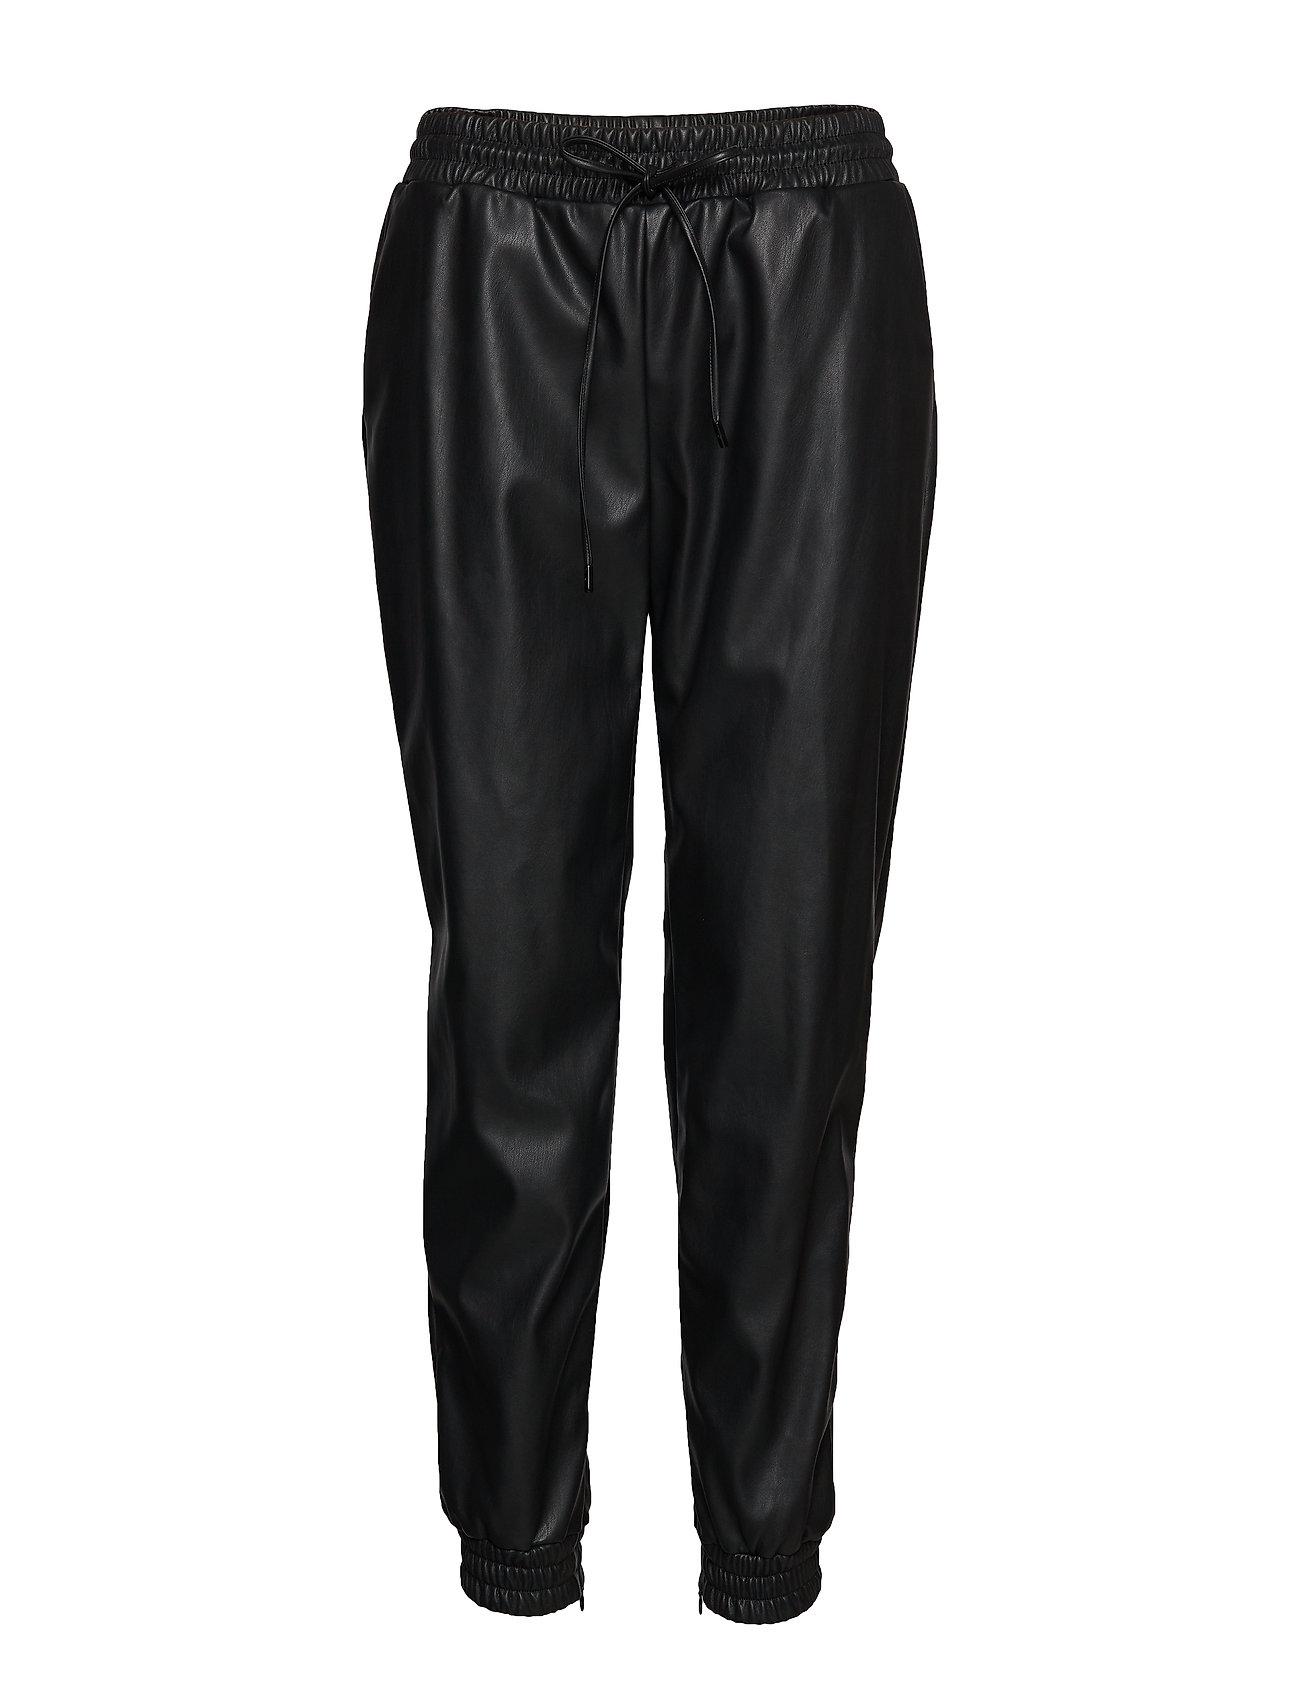 Michael Kors LEATHER JOGGER PANT - BLACK